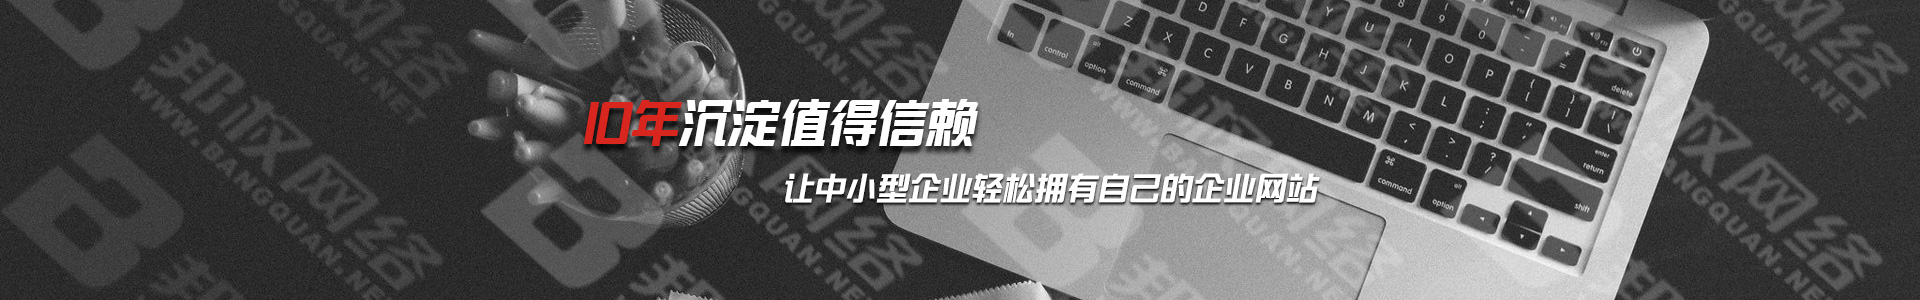 六安网站优化,六安网站建设